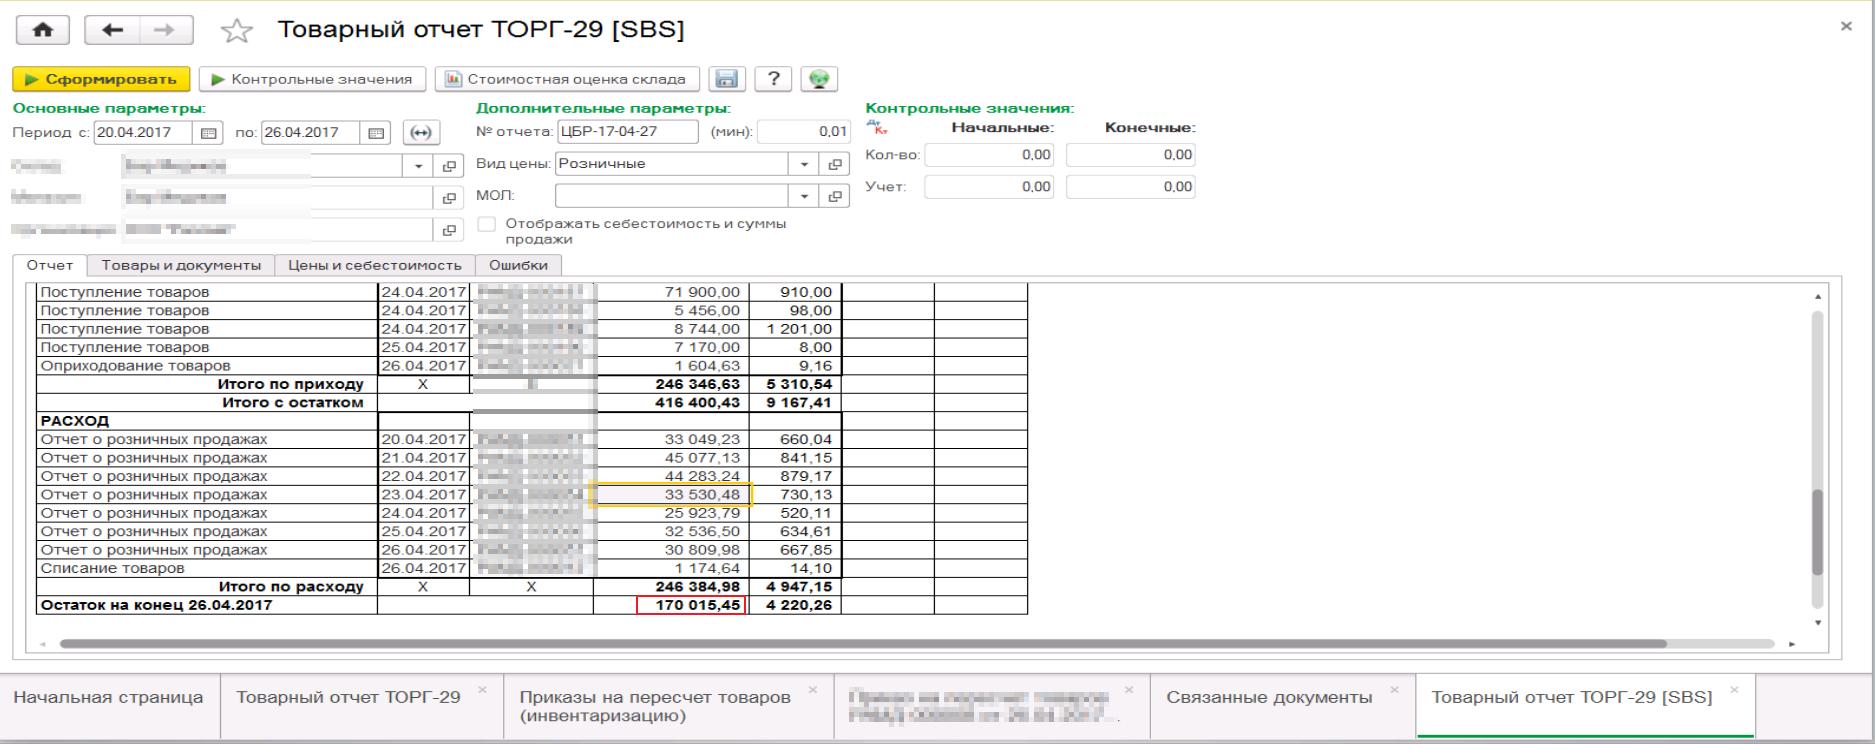 Переоценка розничного товара в 1С 8.3 - 1С Облако 13